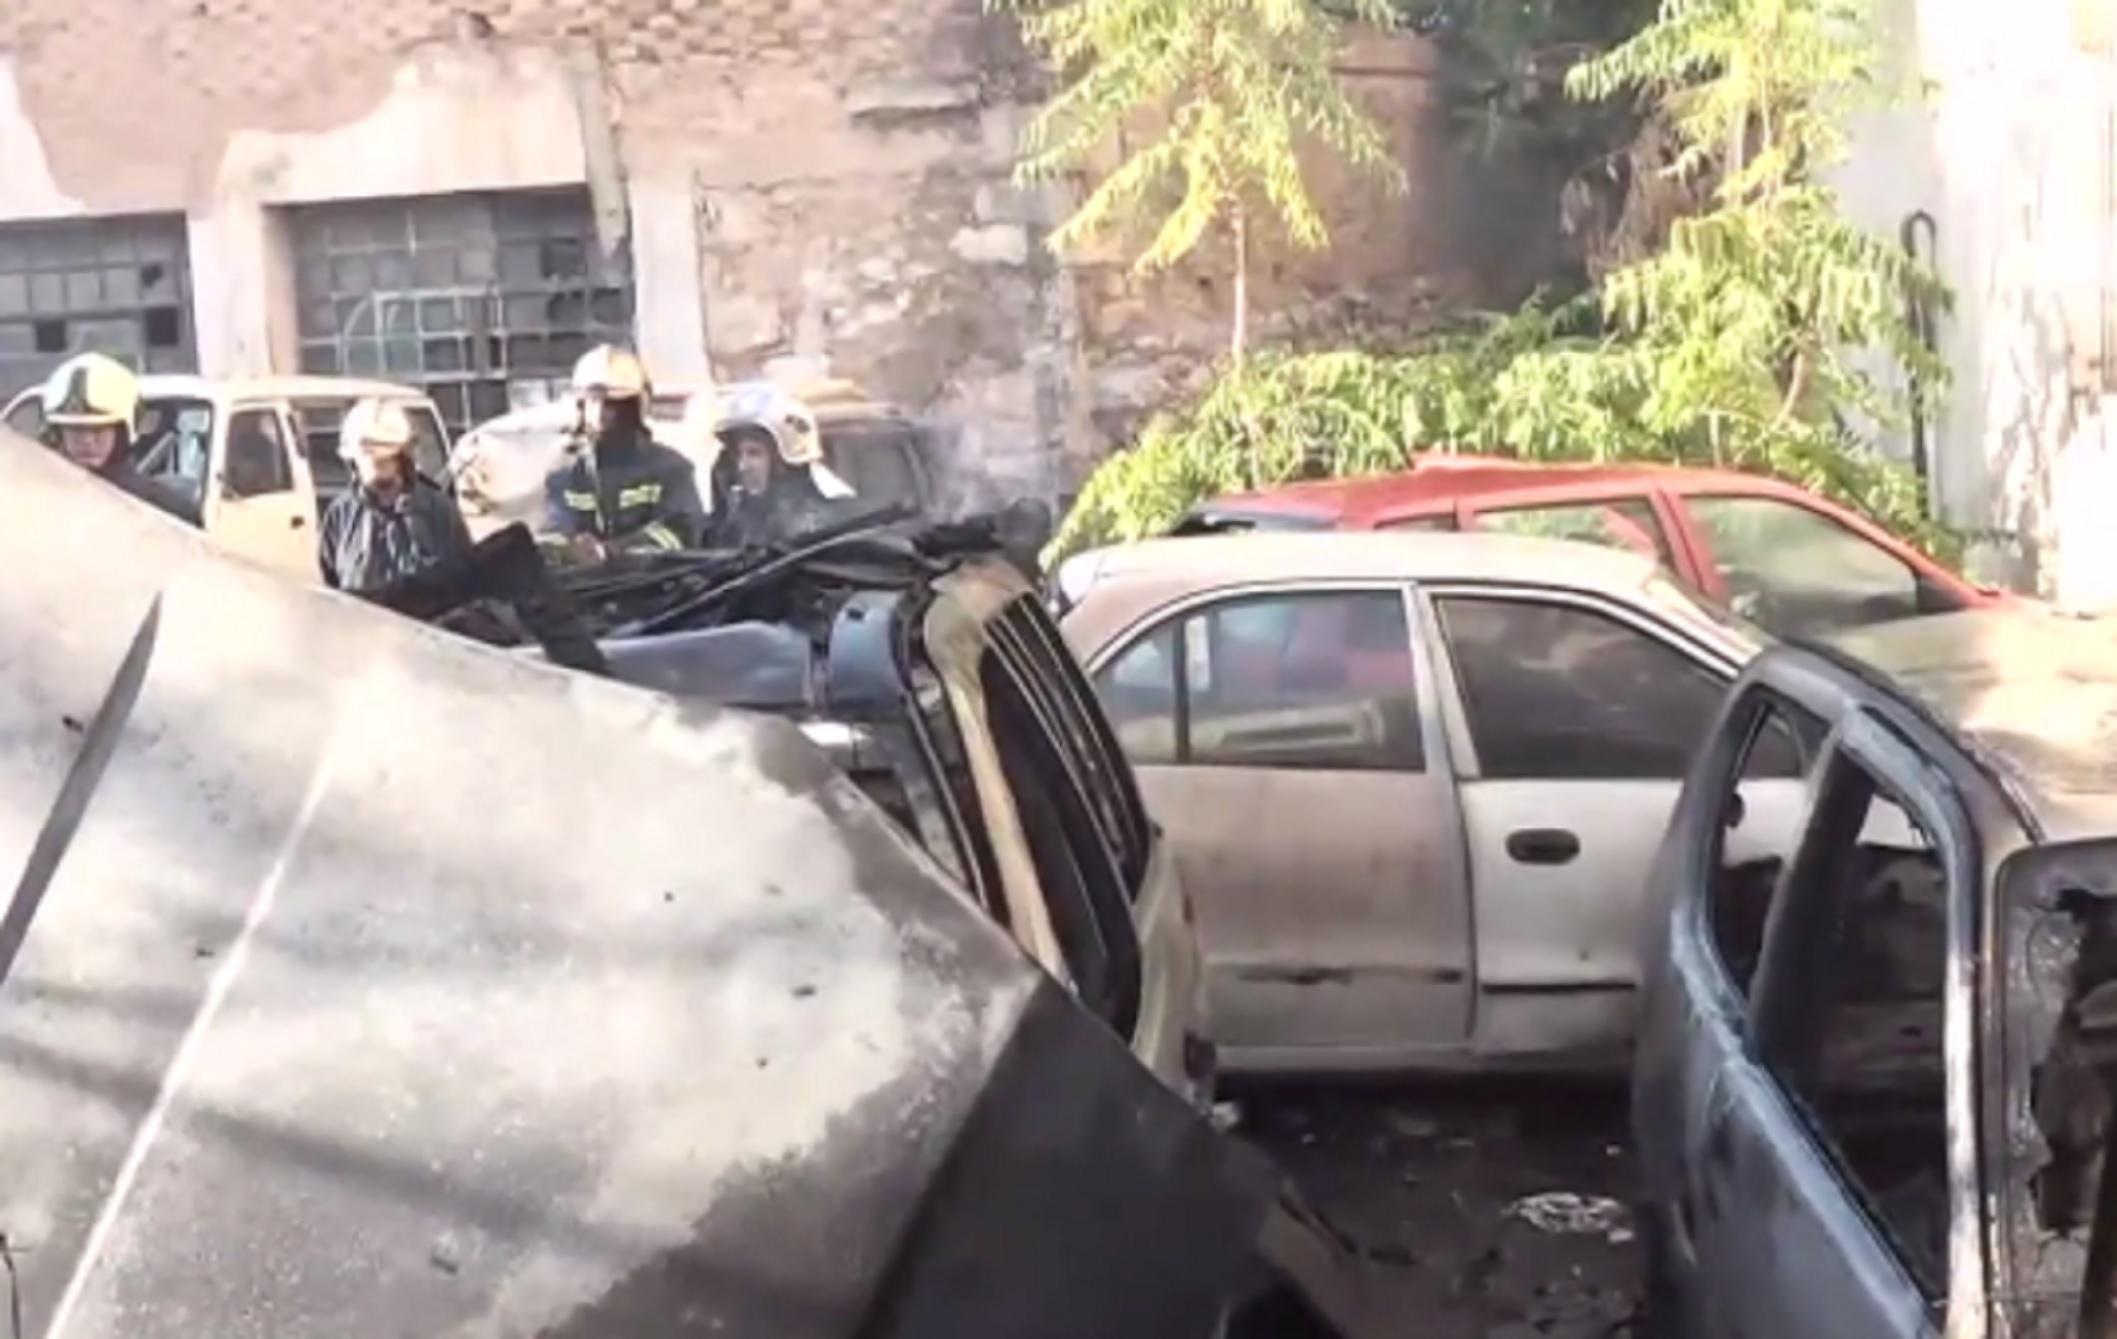 Κυψέλη: Φωτιά σε ανοικτό χώρο – Κάηκαν 4 αυτοκίνητα